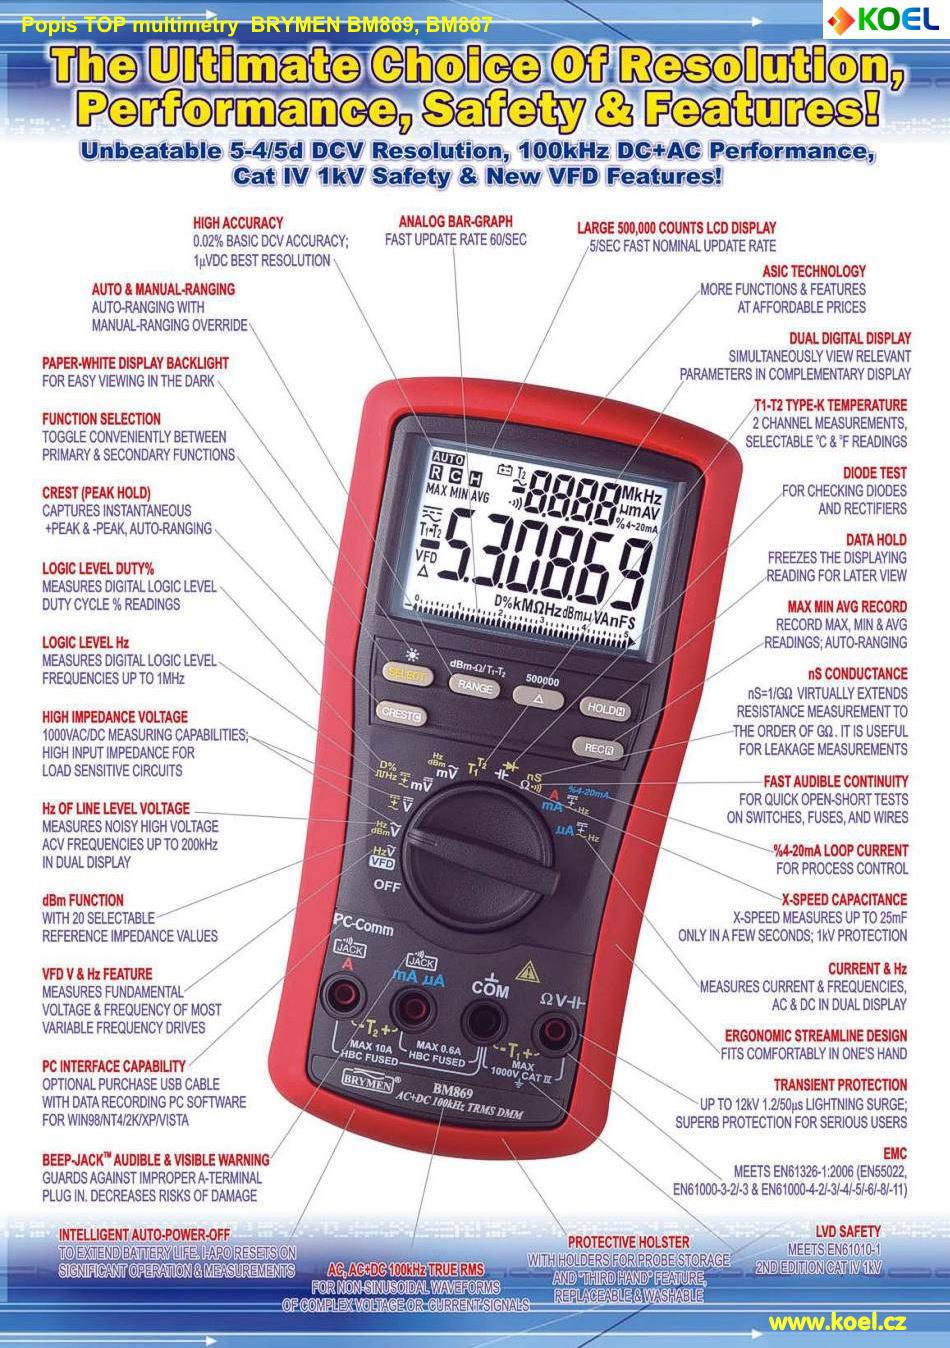 KOEL - měřící a dílenské přístroje, komponenty elektro